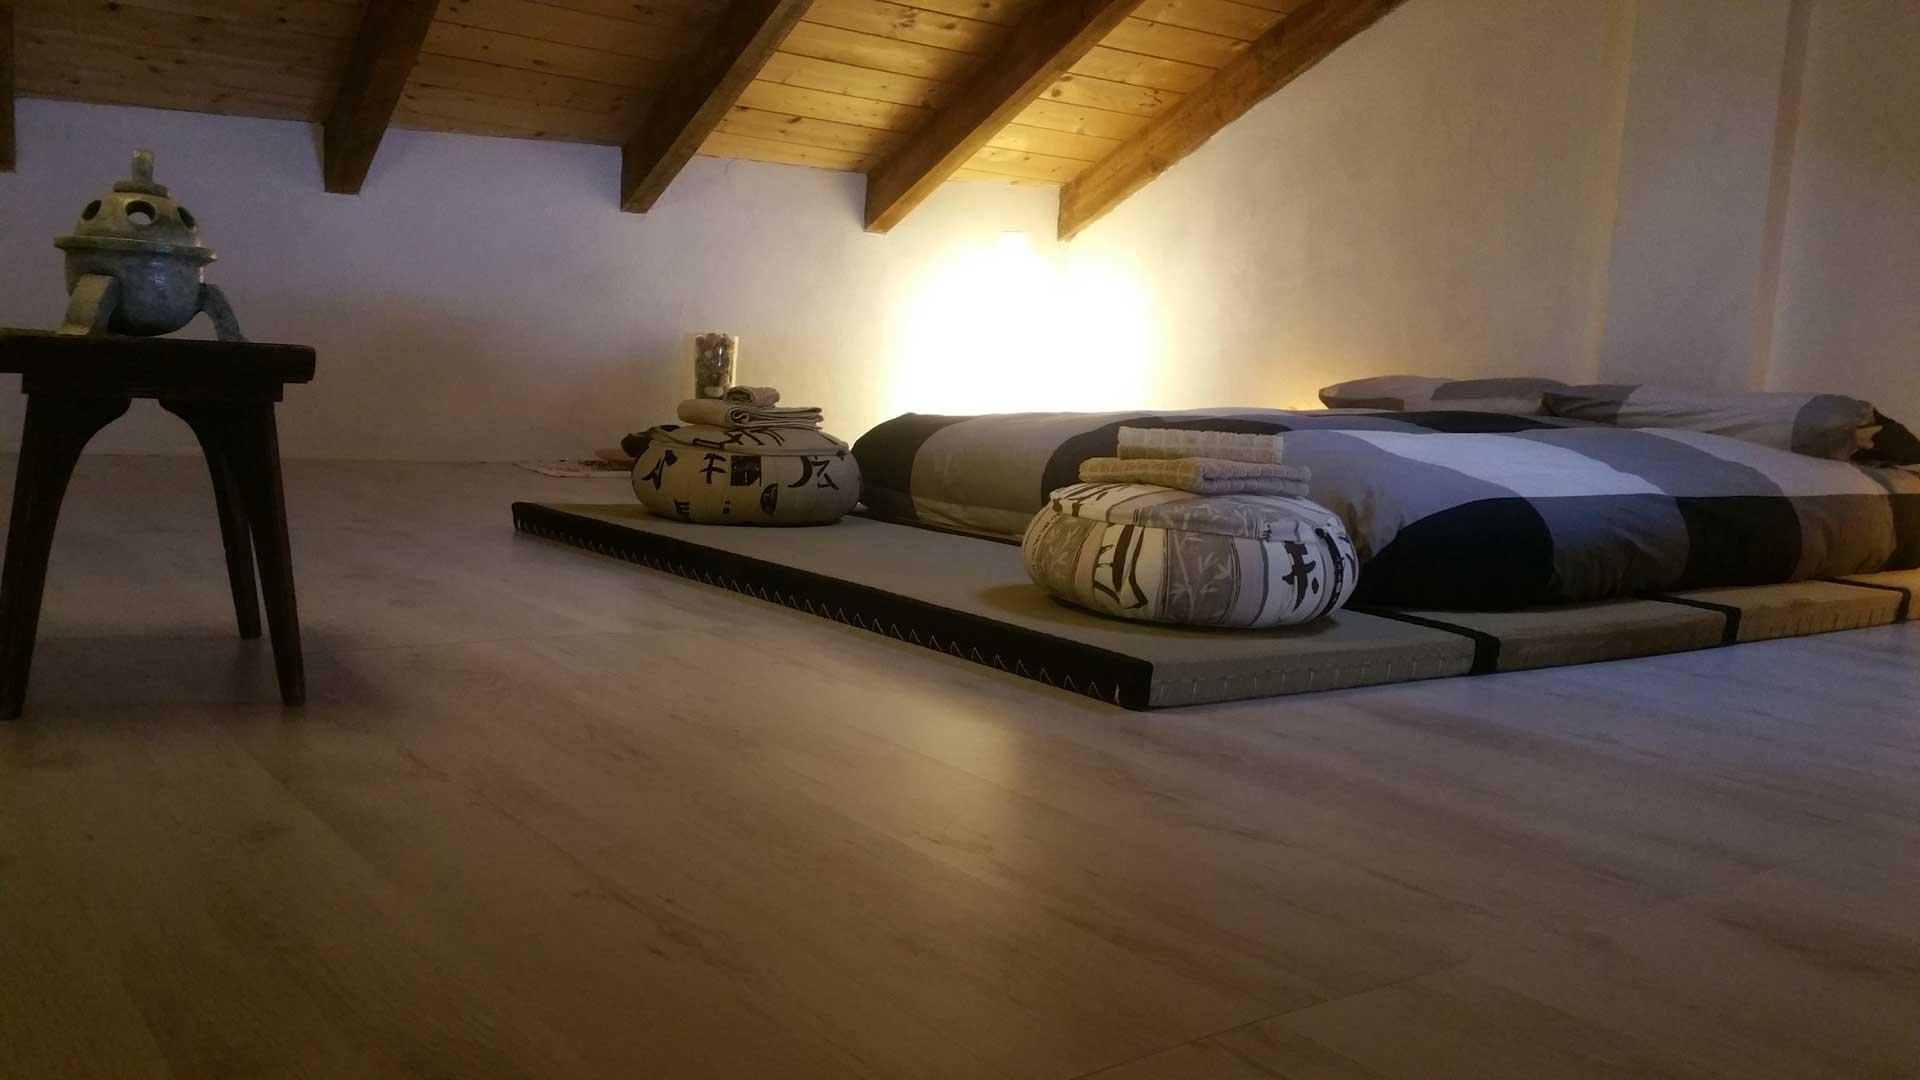 Camera zen scultura Arca Guido Farella cuscini meditazione zafu tatami futon matrimoniale B&B & meditation center Zorba il Buddha Passerano Marmorito Asti